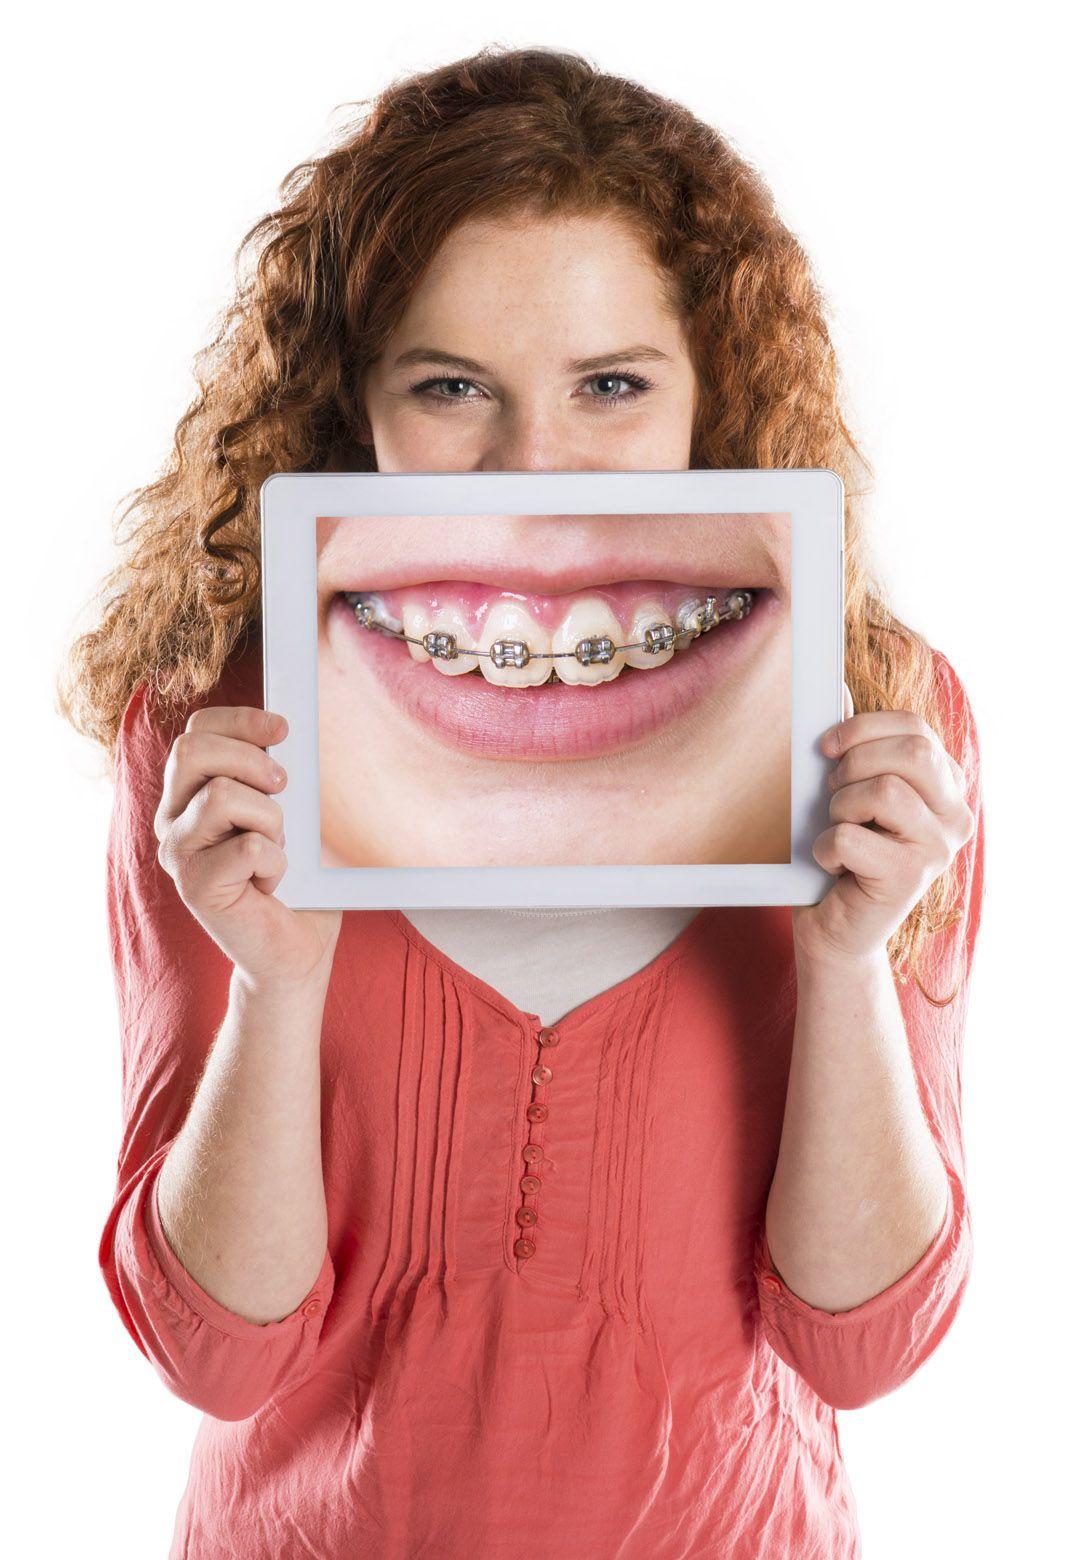 Điều trị chỉnh hình răng hàm mặt ở trẻ em